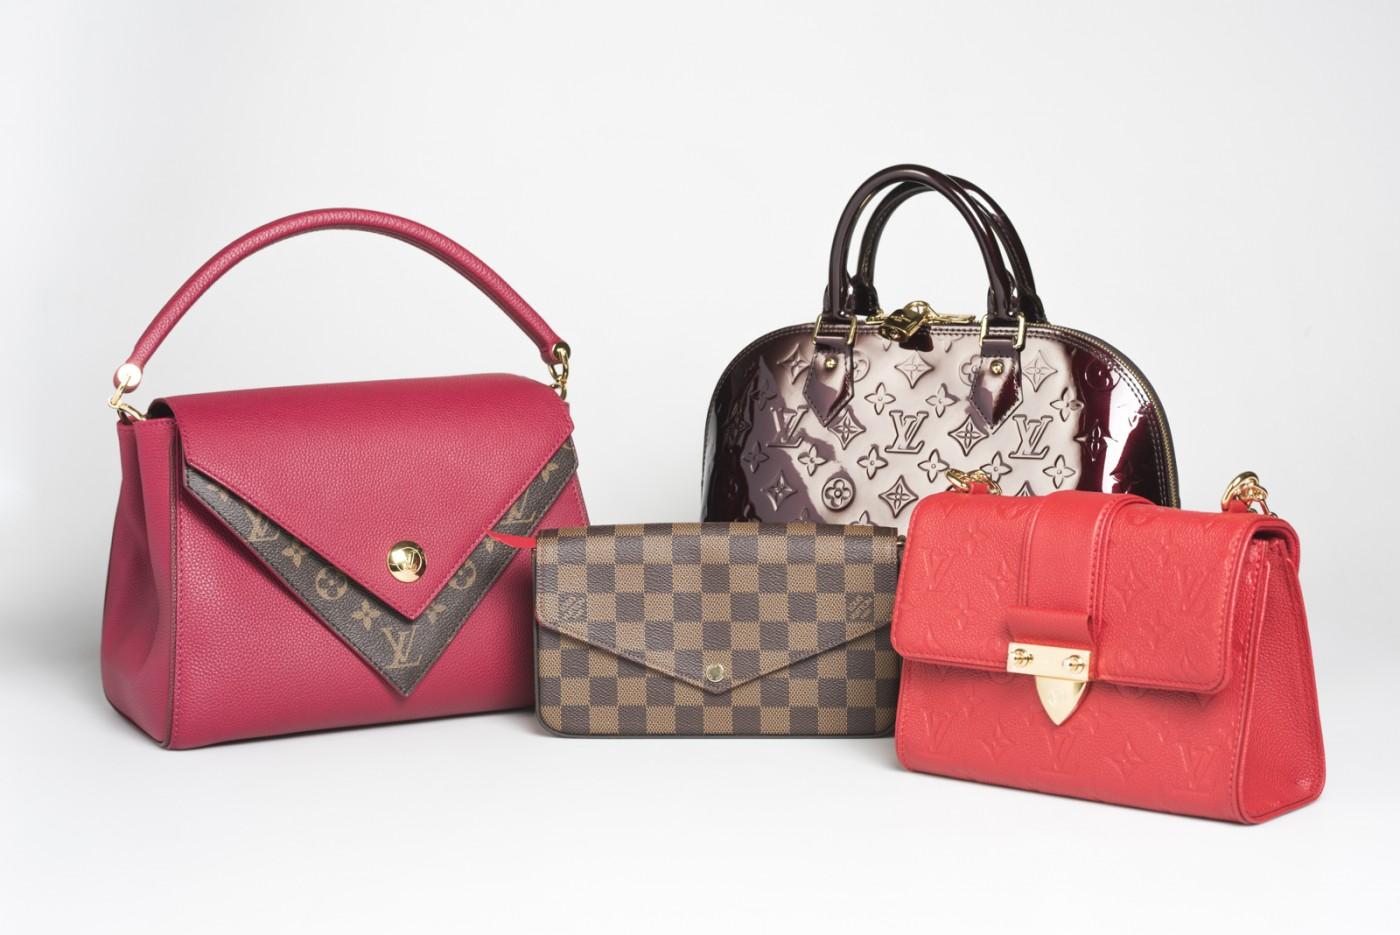 Onderscheid tussen een echte en een namaak Louis Vuitton